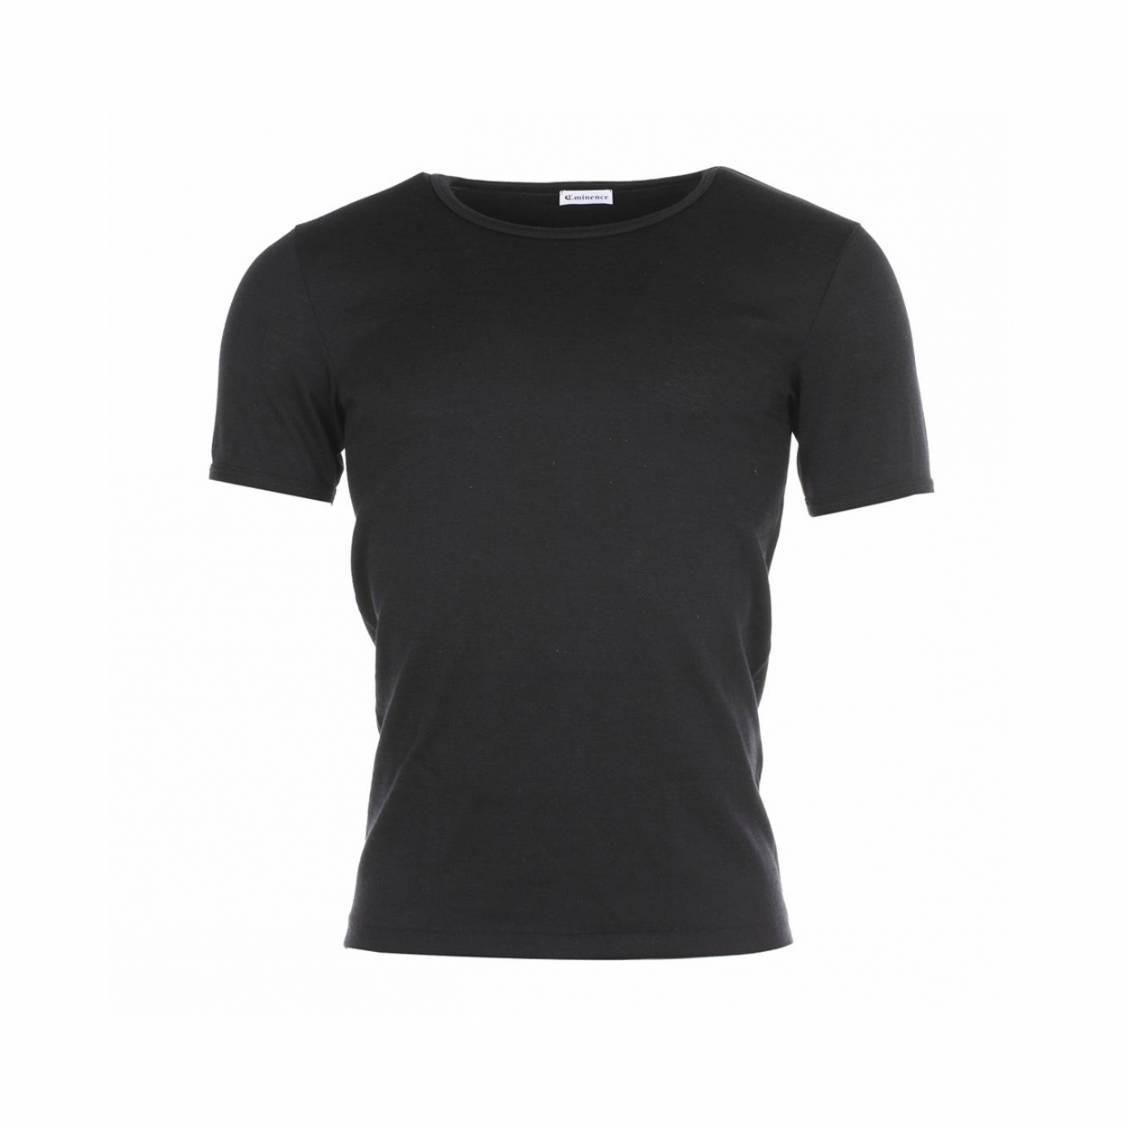 Tee-shirt Eminence col rond, en pur coton hypoallergénique Noir